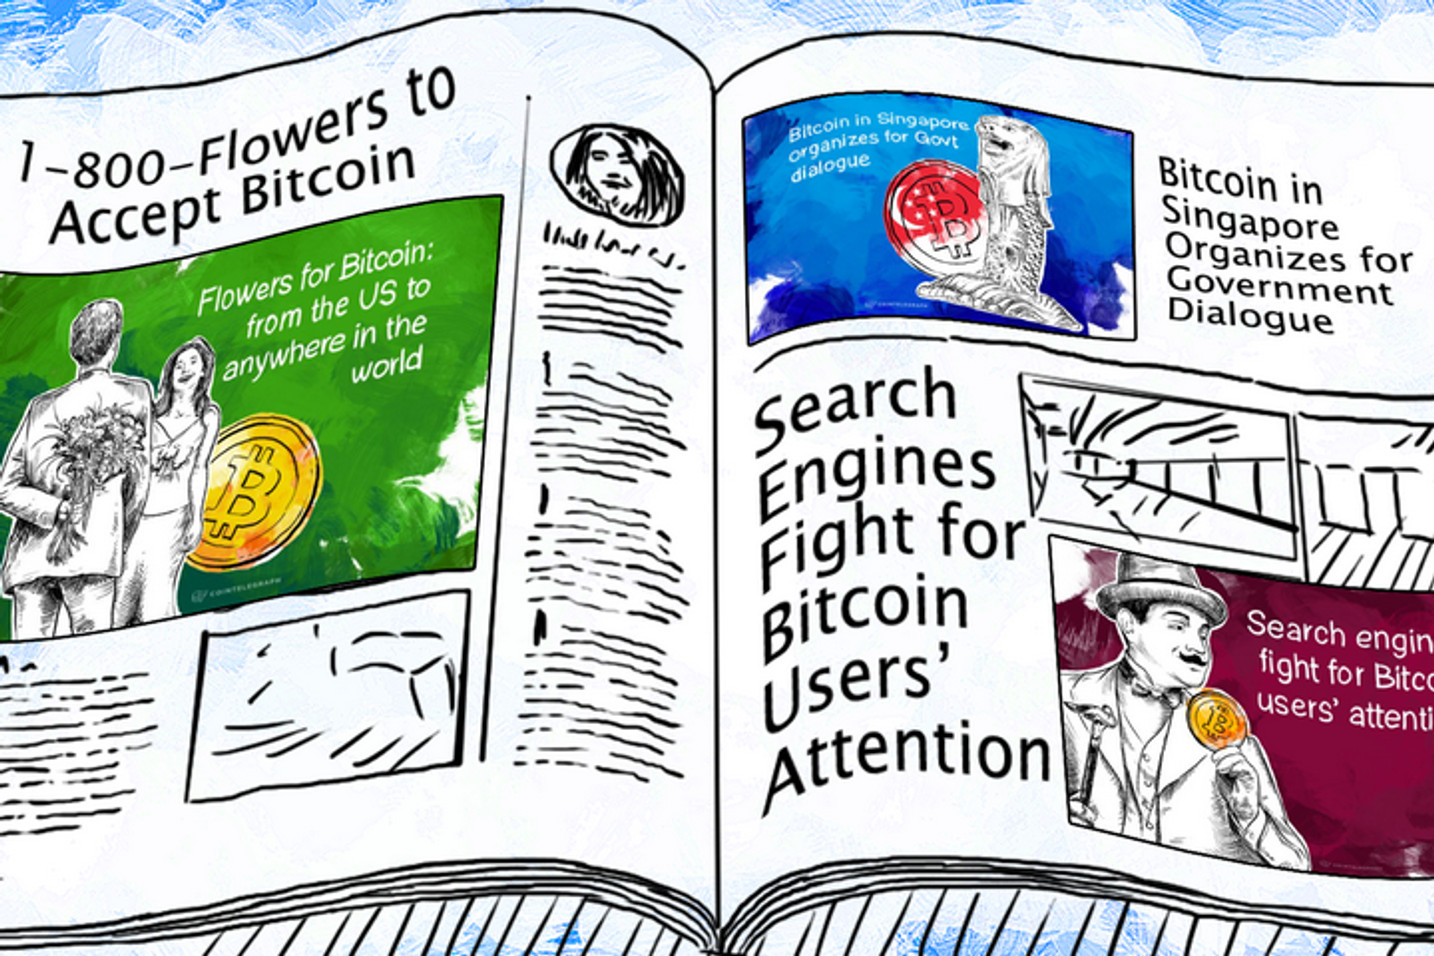 era ist ein bitcoin